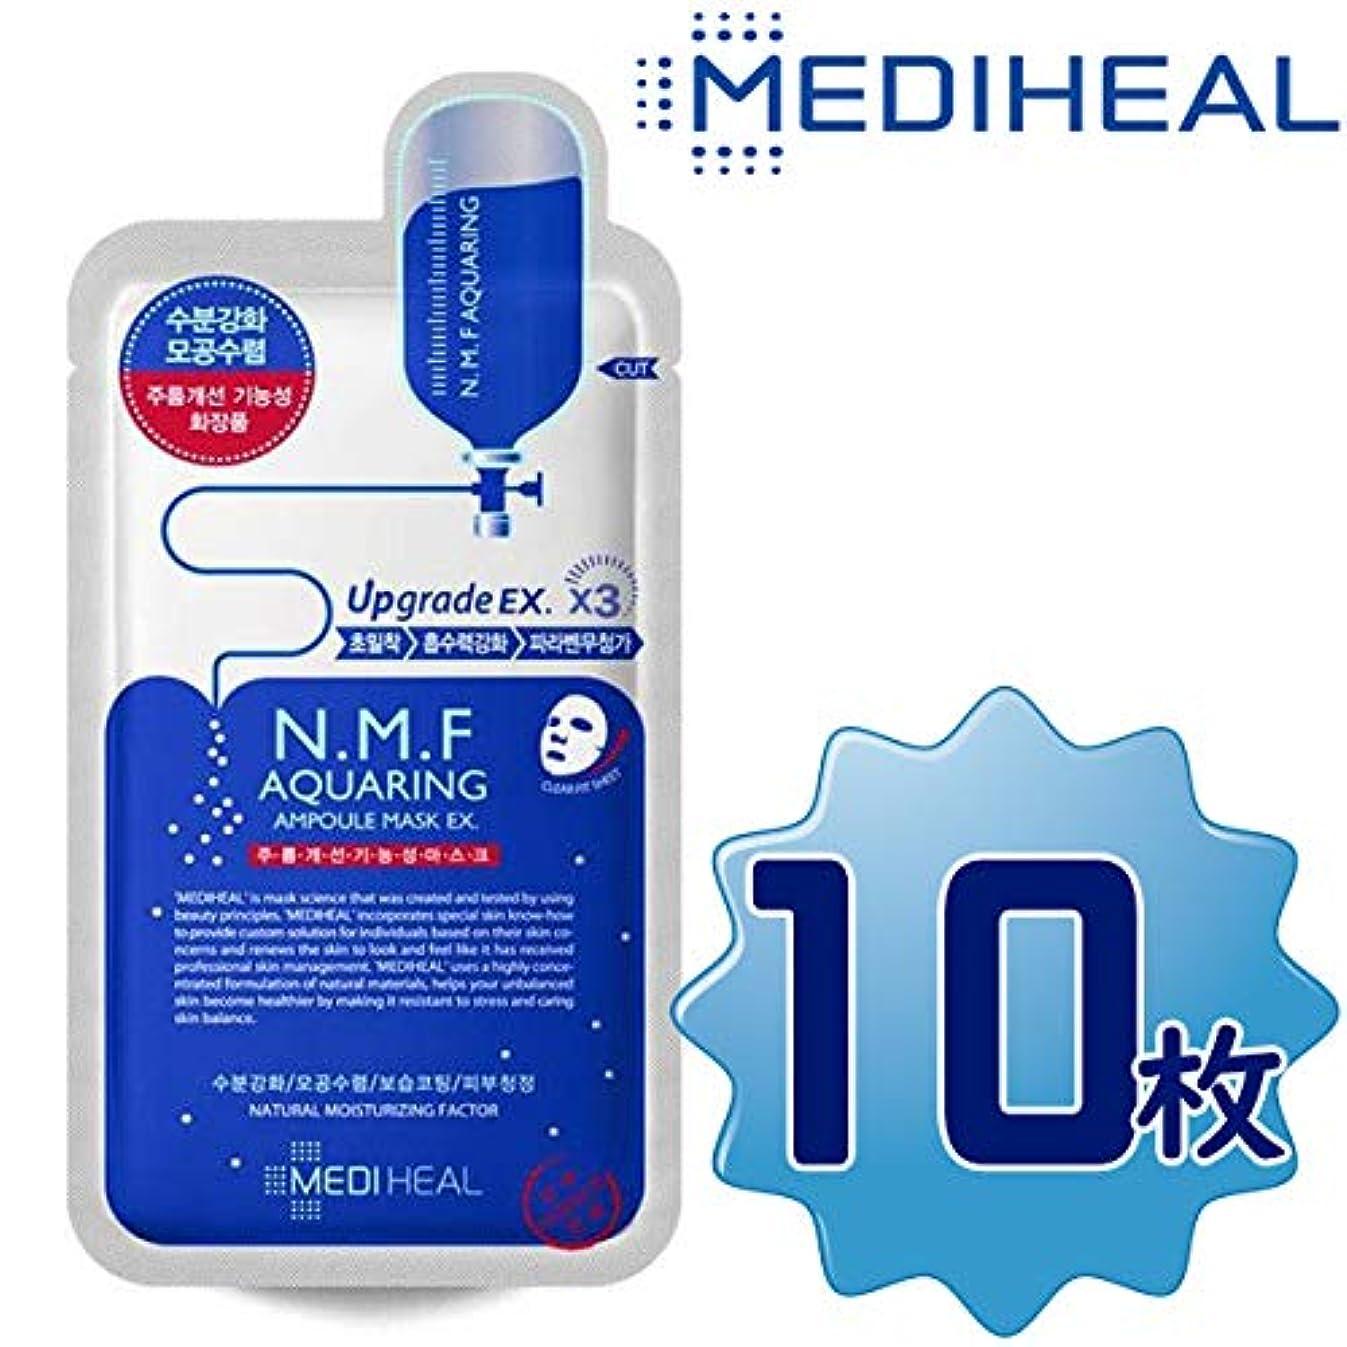 ようこそシエスタ谷【正規輸入品】Mediheal メディヒール N.M.F アクアリング アンプル?マスクパックEX 10枚(Aquaring Ampoule Essential Mask PackEX (10sheet)